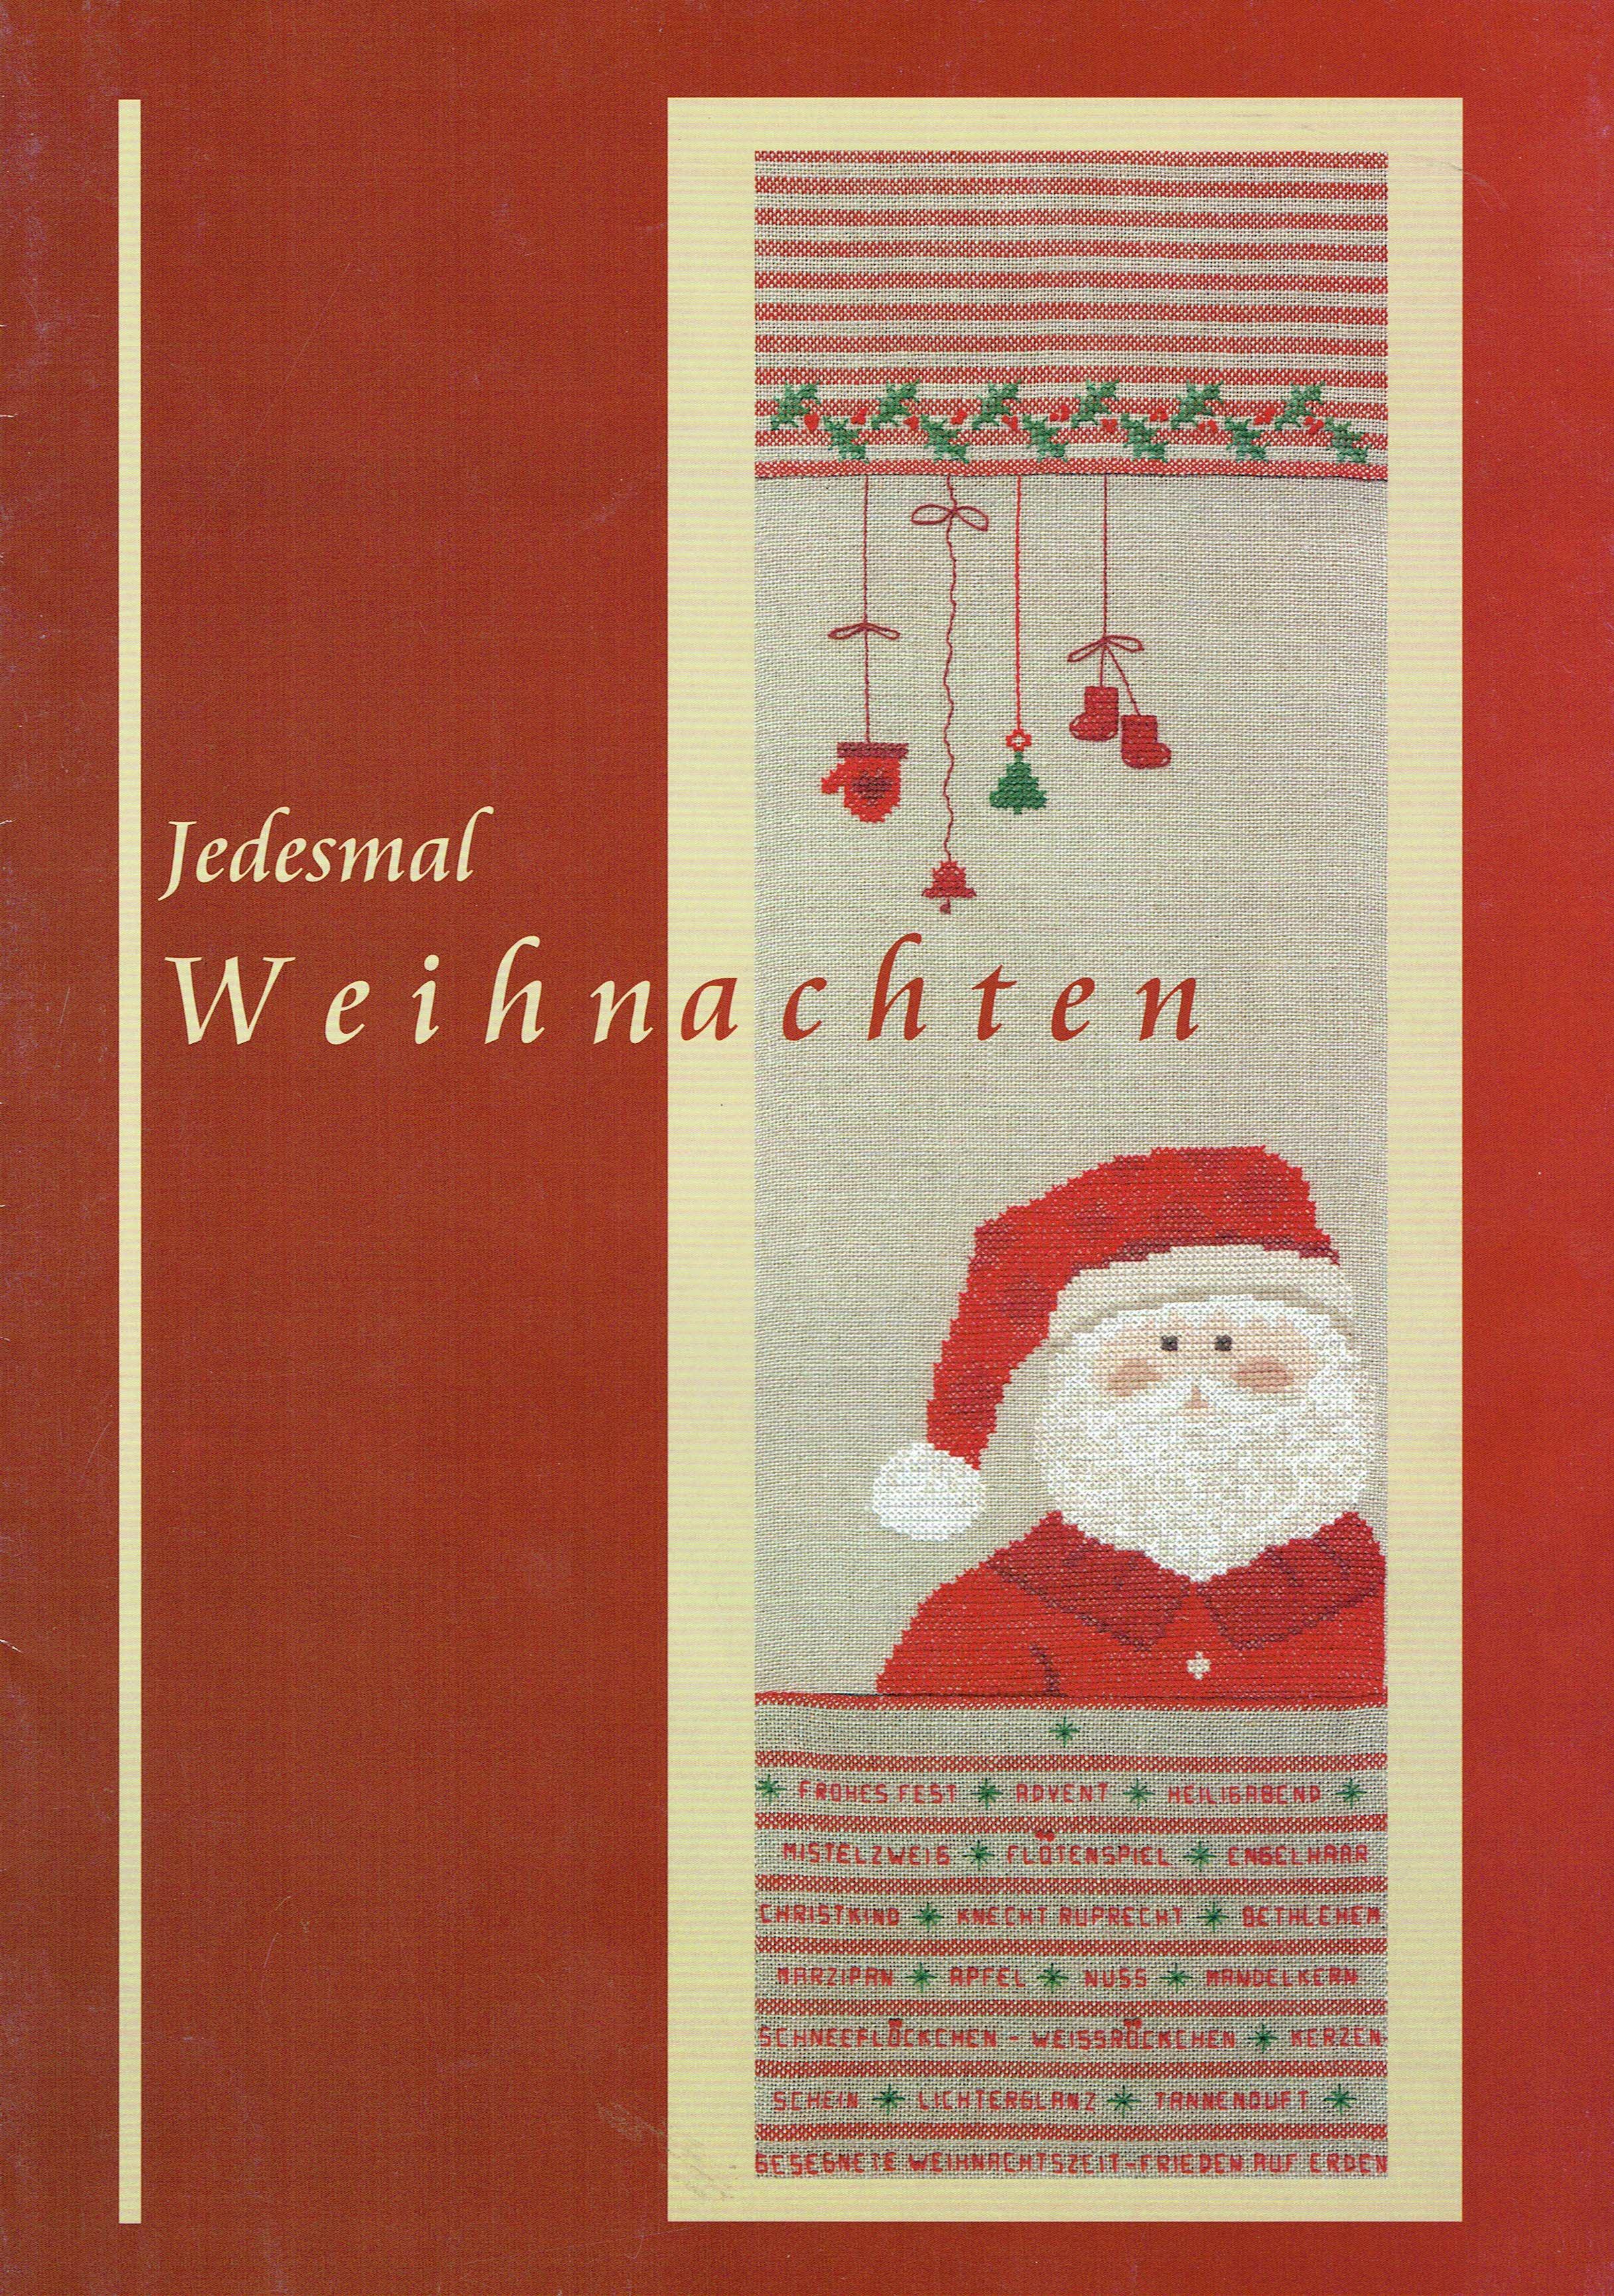 MWi - Jedesmal Weihnachten